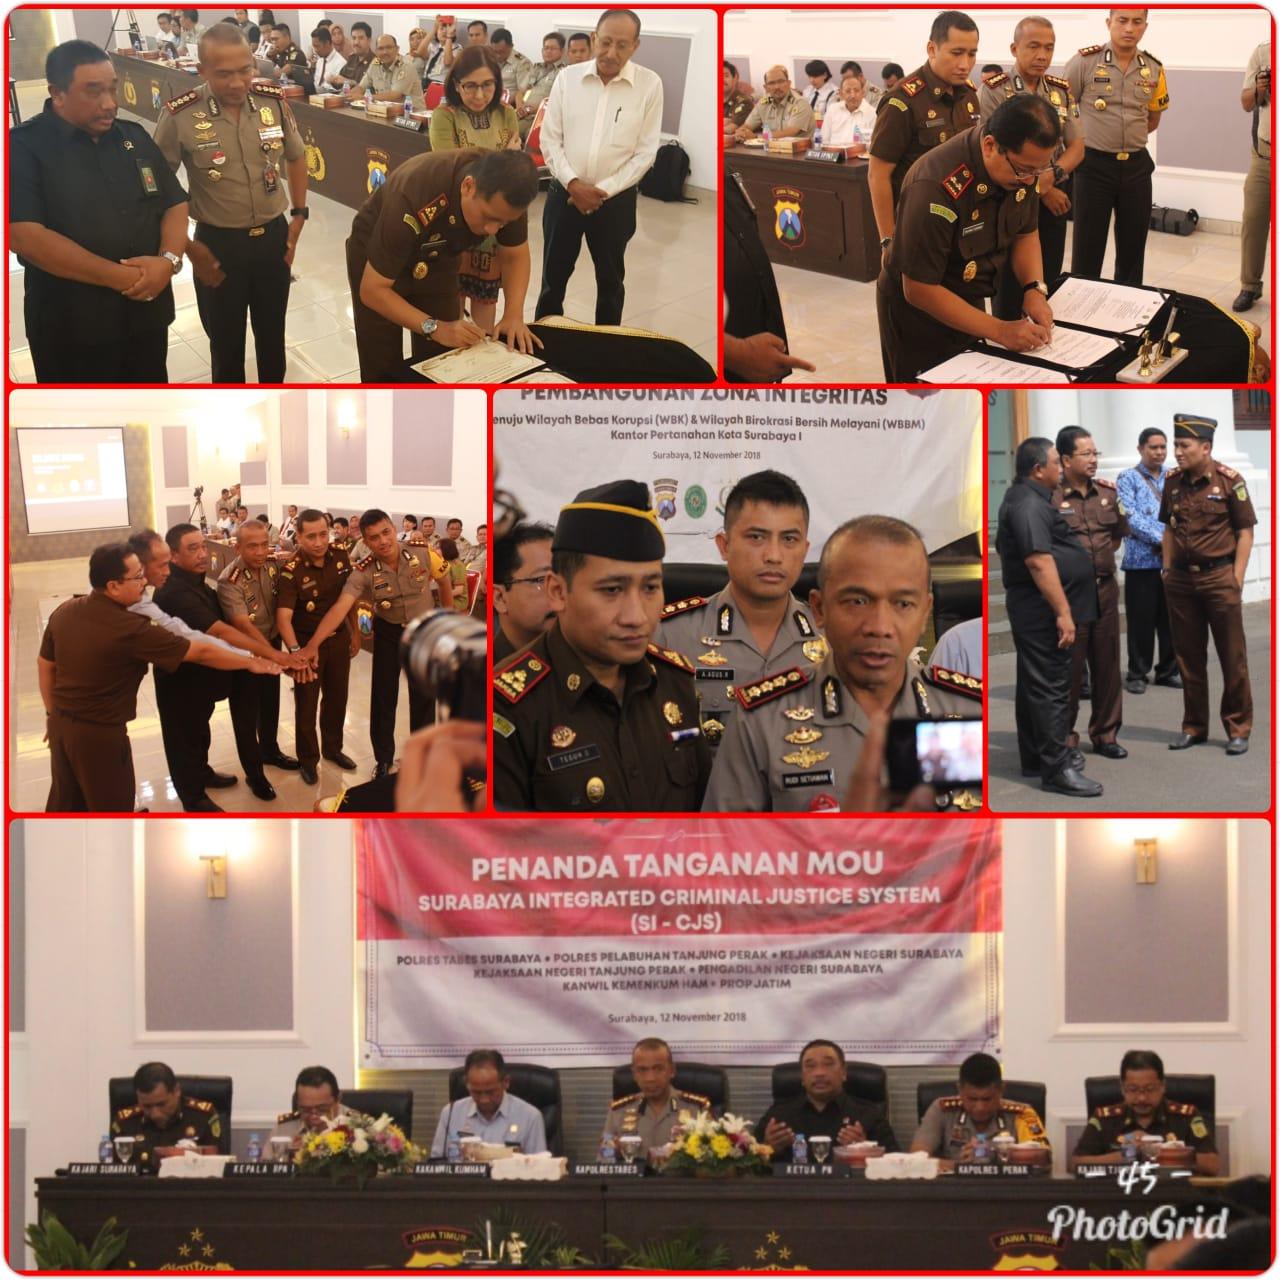 Penanda Tanganan MOU Surabaya Integrated Criminal Justice System SI-CJS 12-11-2018